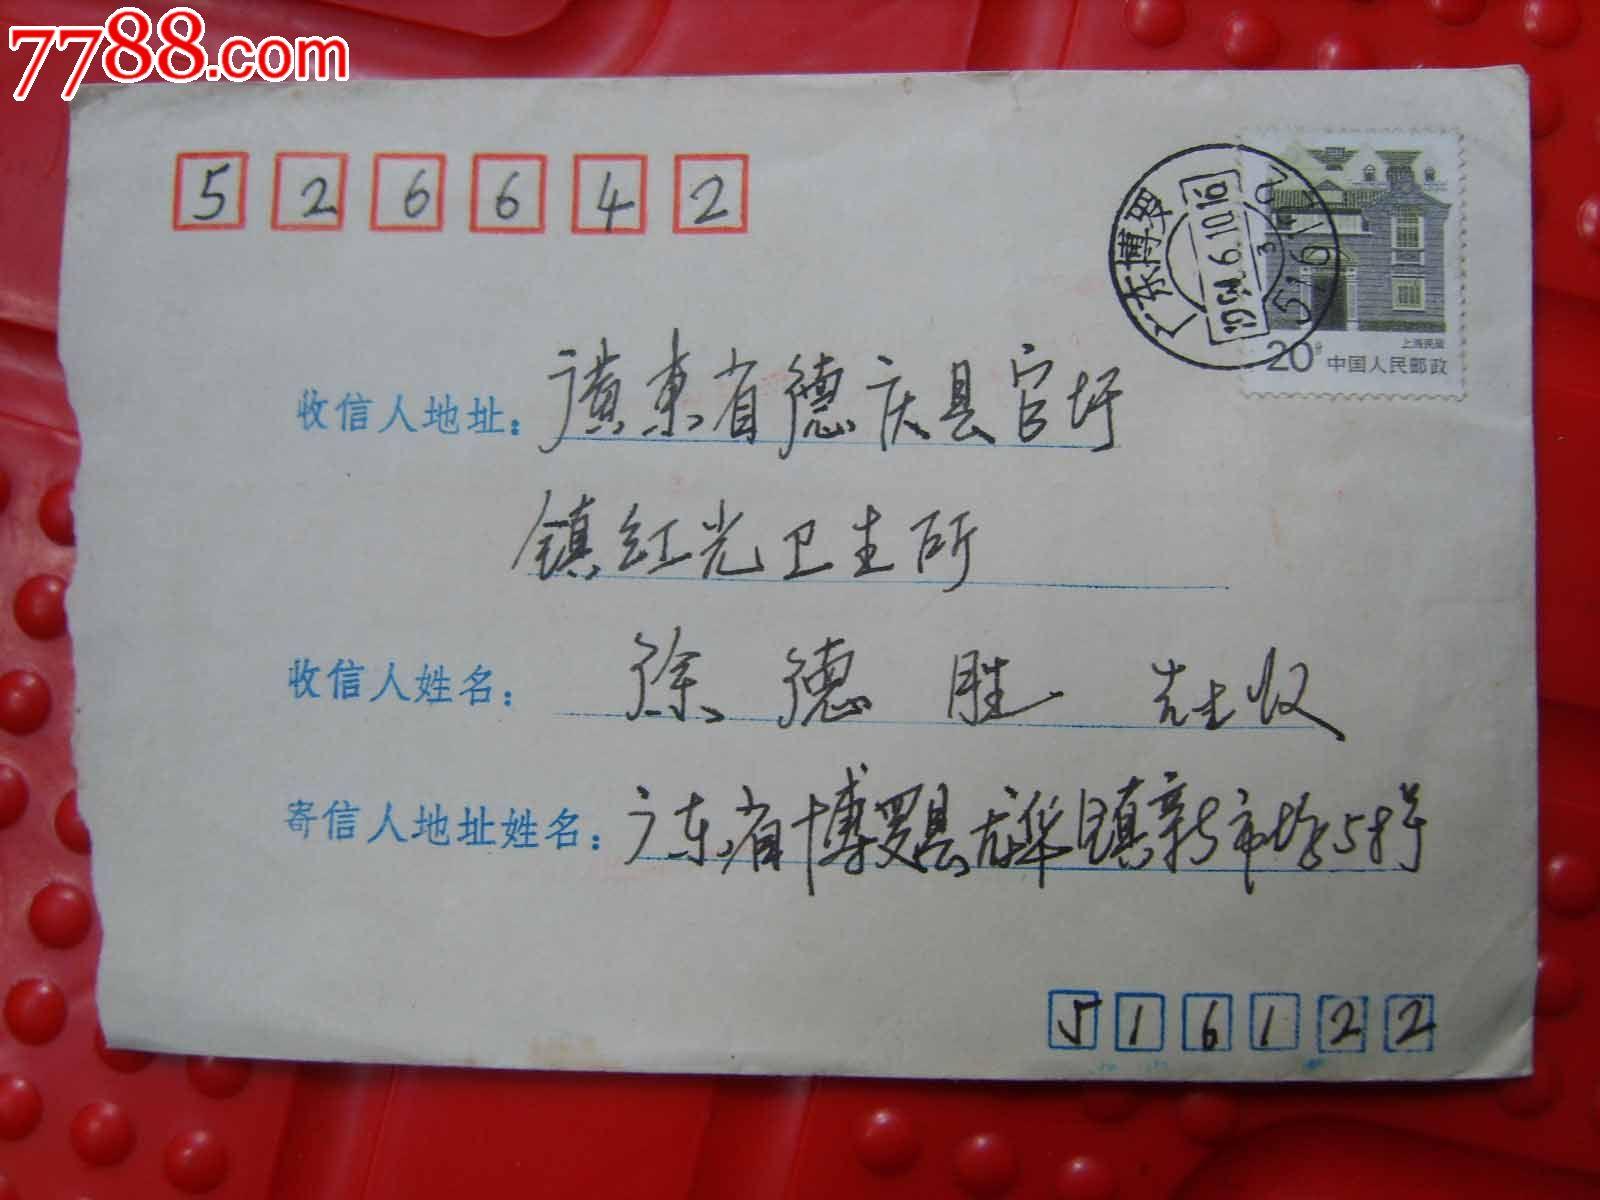 邮编_j221带邮编的请使用标准信封宣传戳封